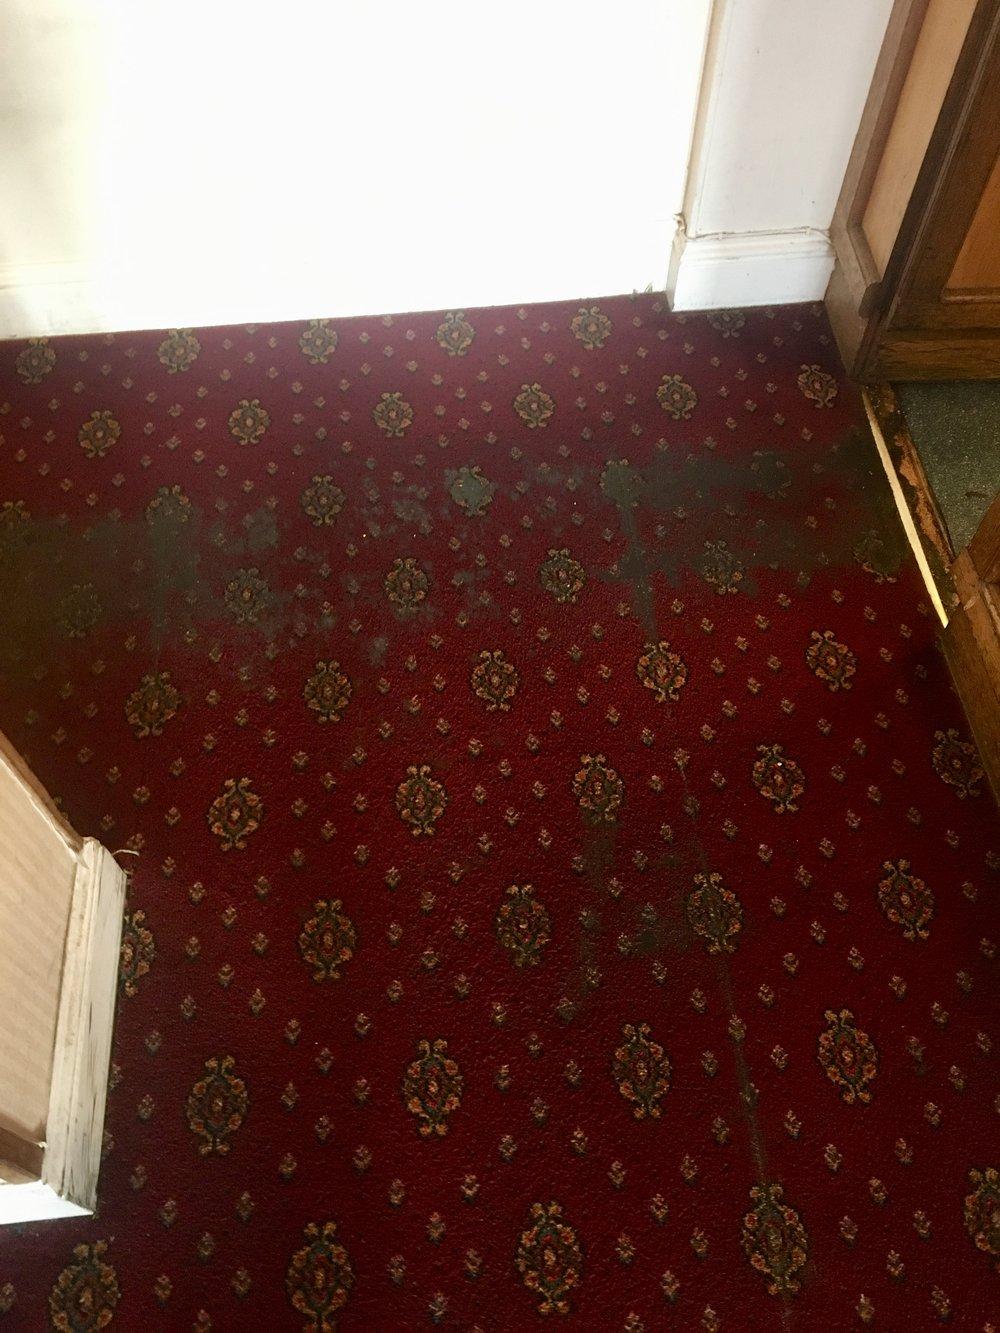 Pub carpet 'Blacktop'